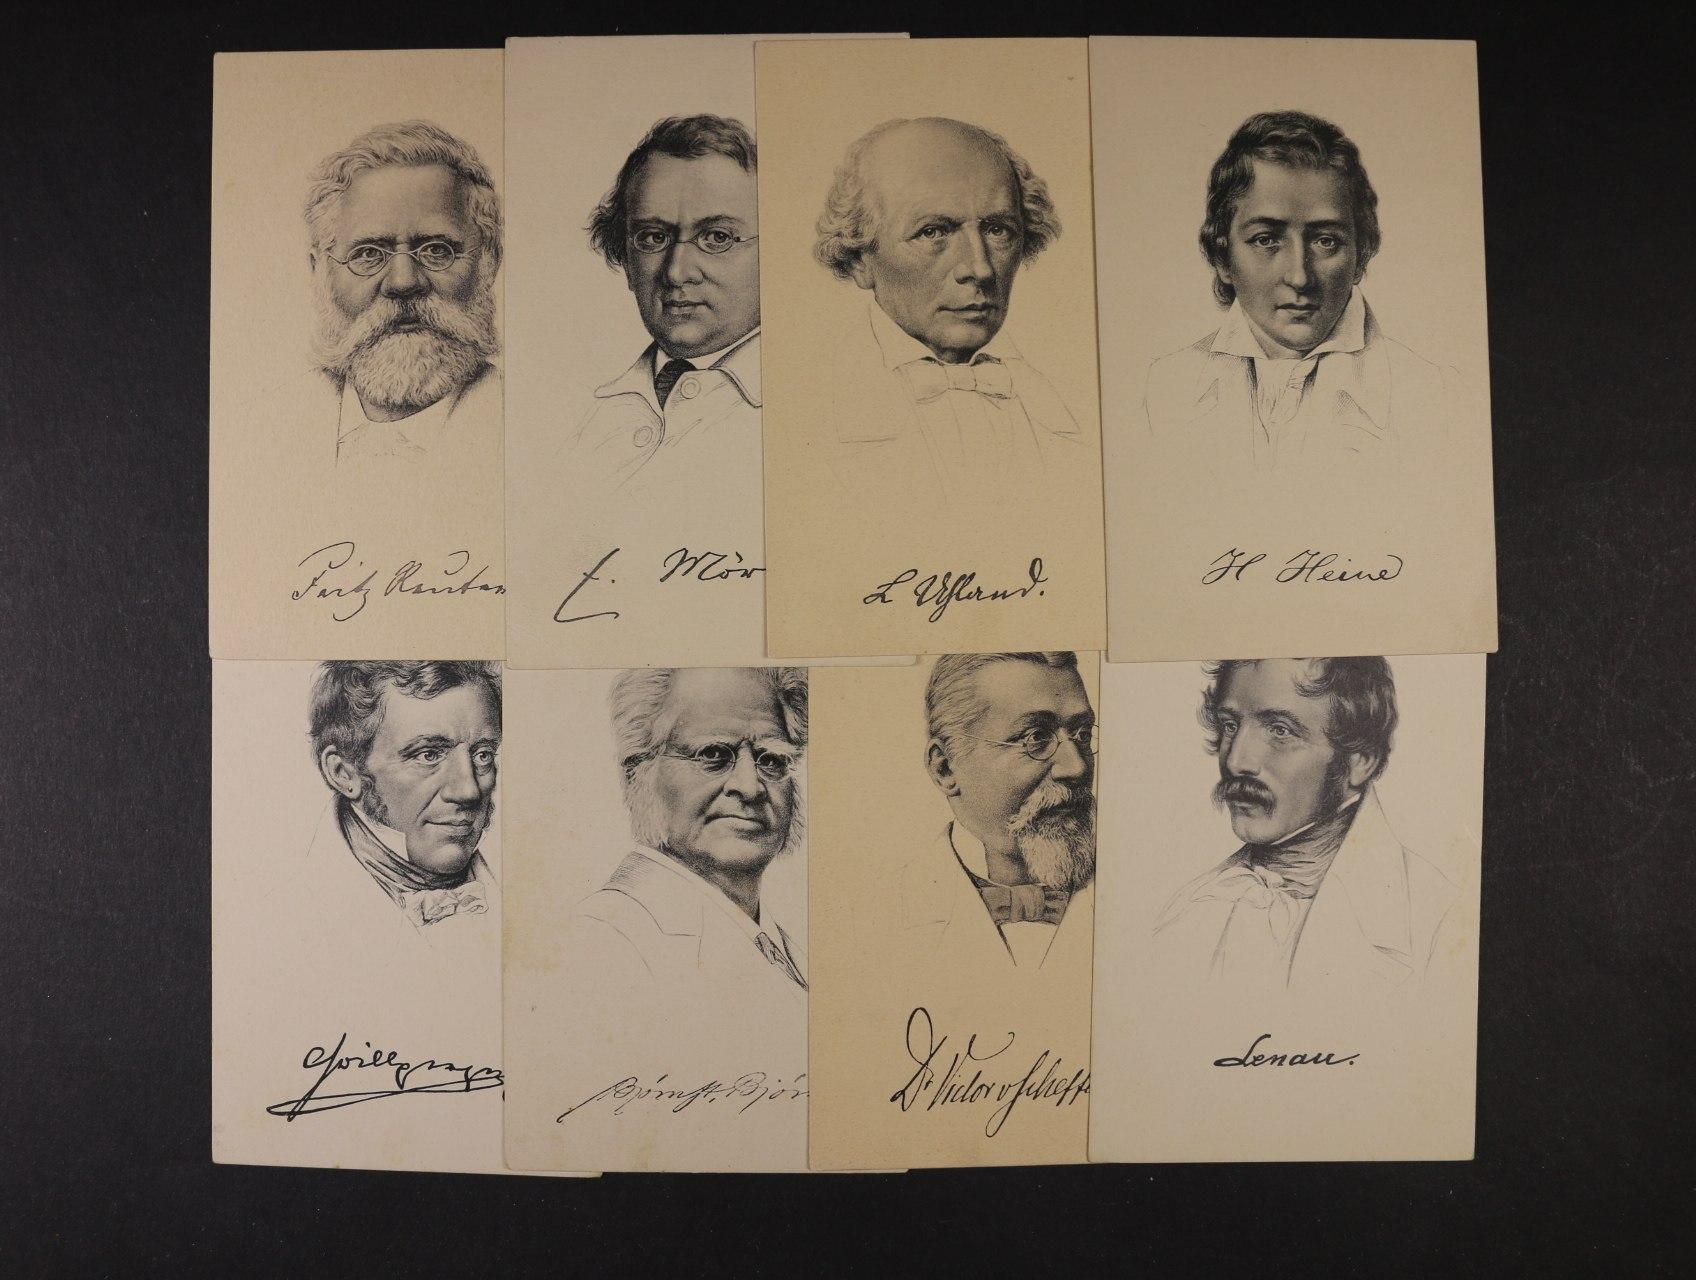 Osobnosti - sestava 9 ks jednobar. nepoužitých pohlednic s portréty Heine, F. Reuter, N. Lendau, R. Wagner, F. Liszt, 1x reliéfní Komenský